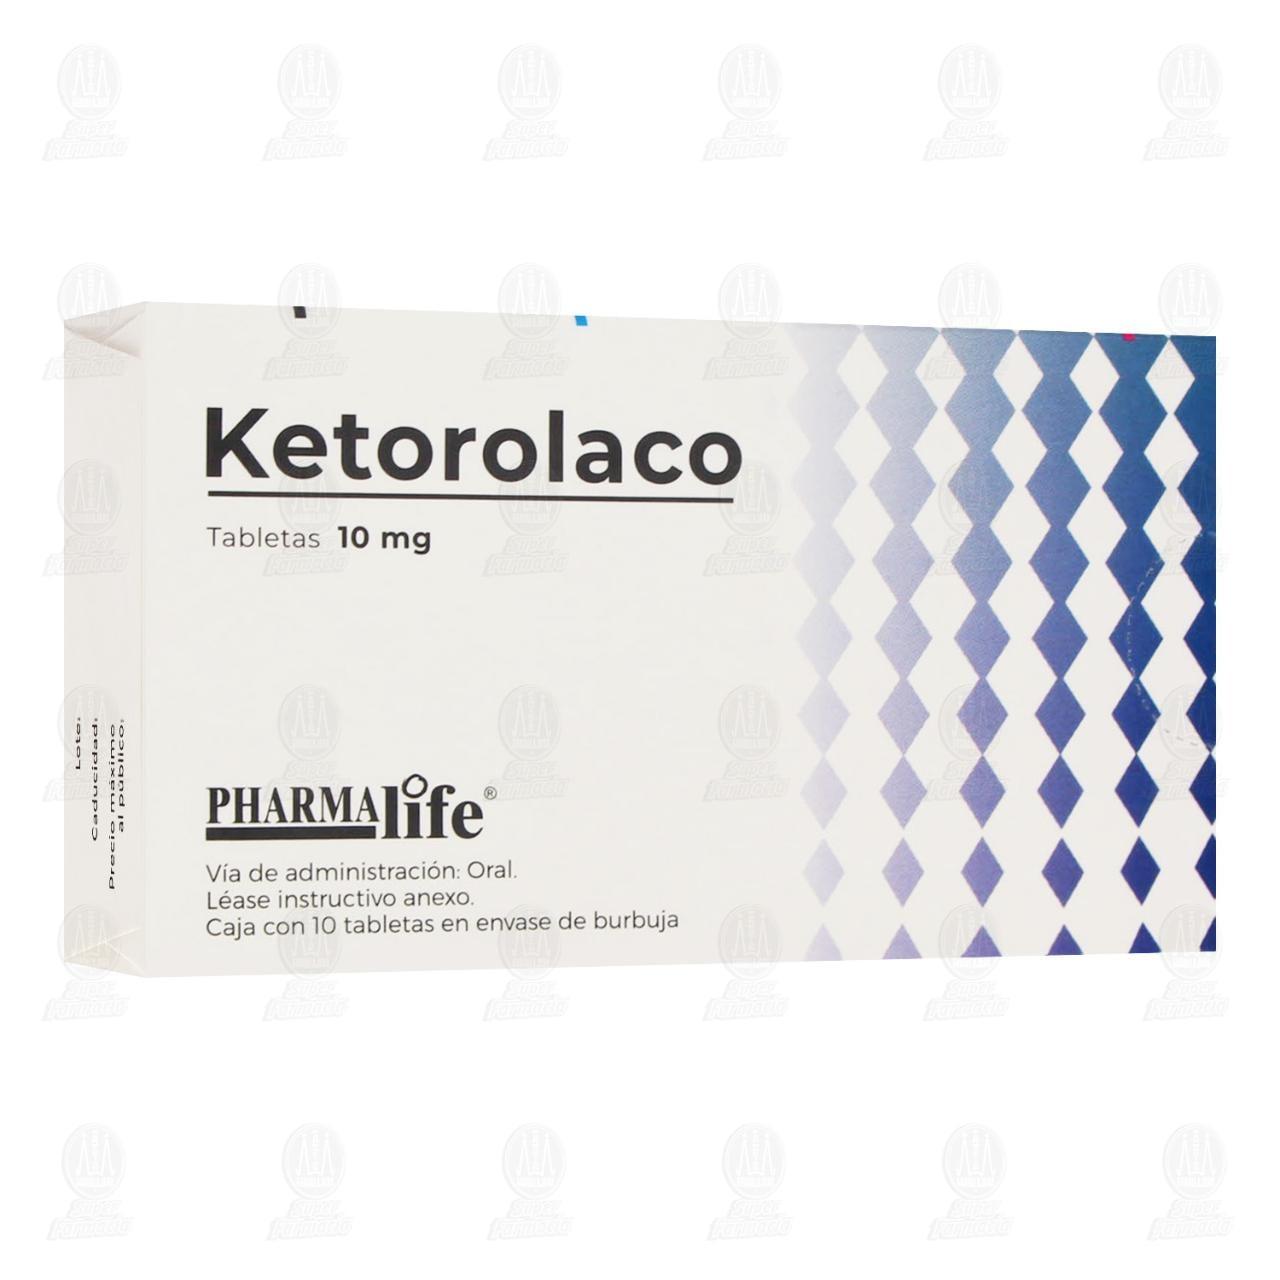 comprar https://www.movil.farmaciasguadalajara.com/wcsstore/FGCAS/wcs/products/1334301_A_1280_AL.jpg en farmacias guadalajara